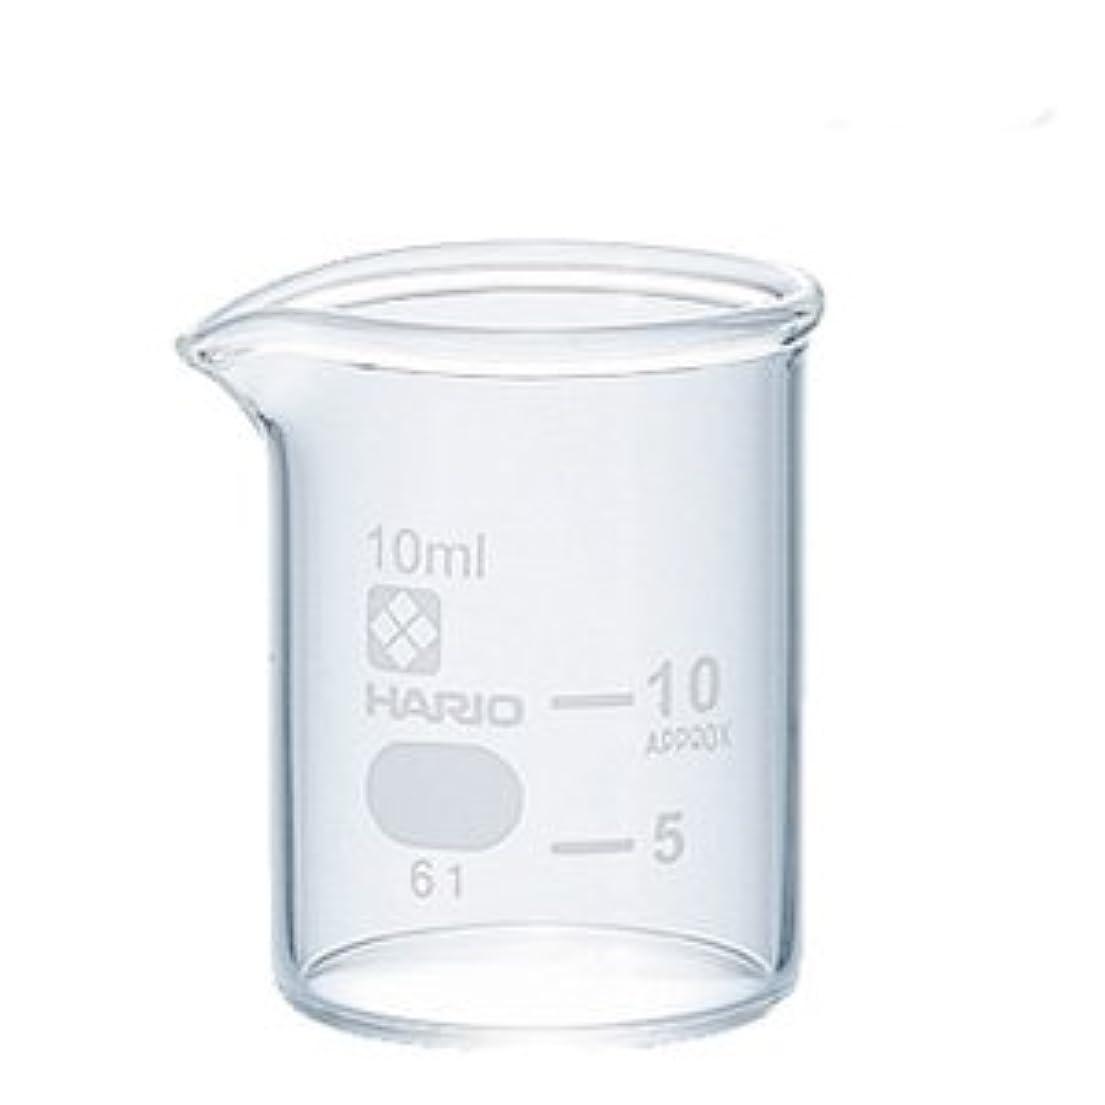 アパートベッドを作る識別ガラスビーカー 10ml 【手作り石鹸/手作りコスメ/手作り化粧品】